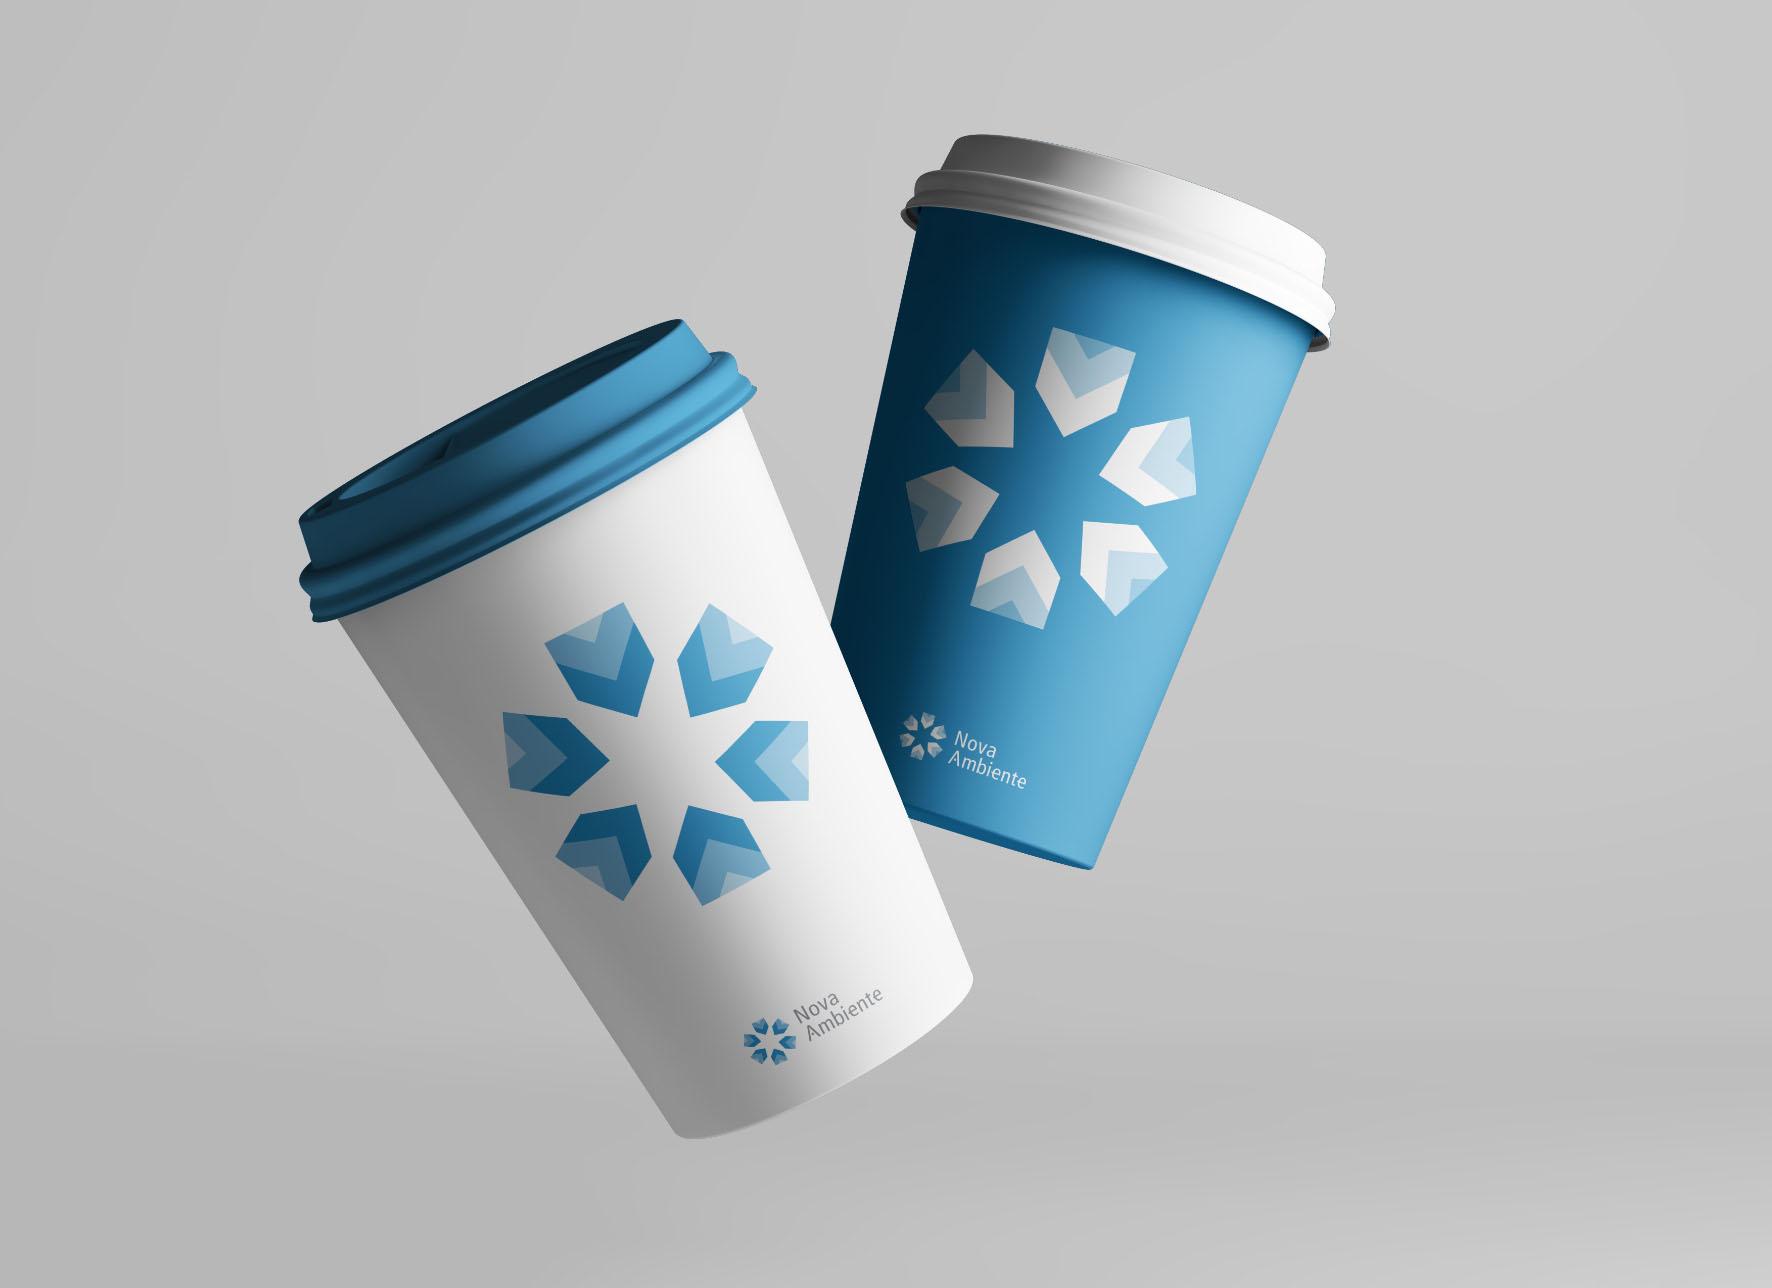 Nova-Ambiente brand identity